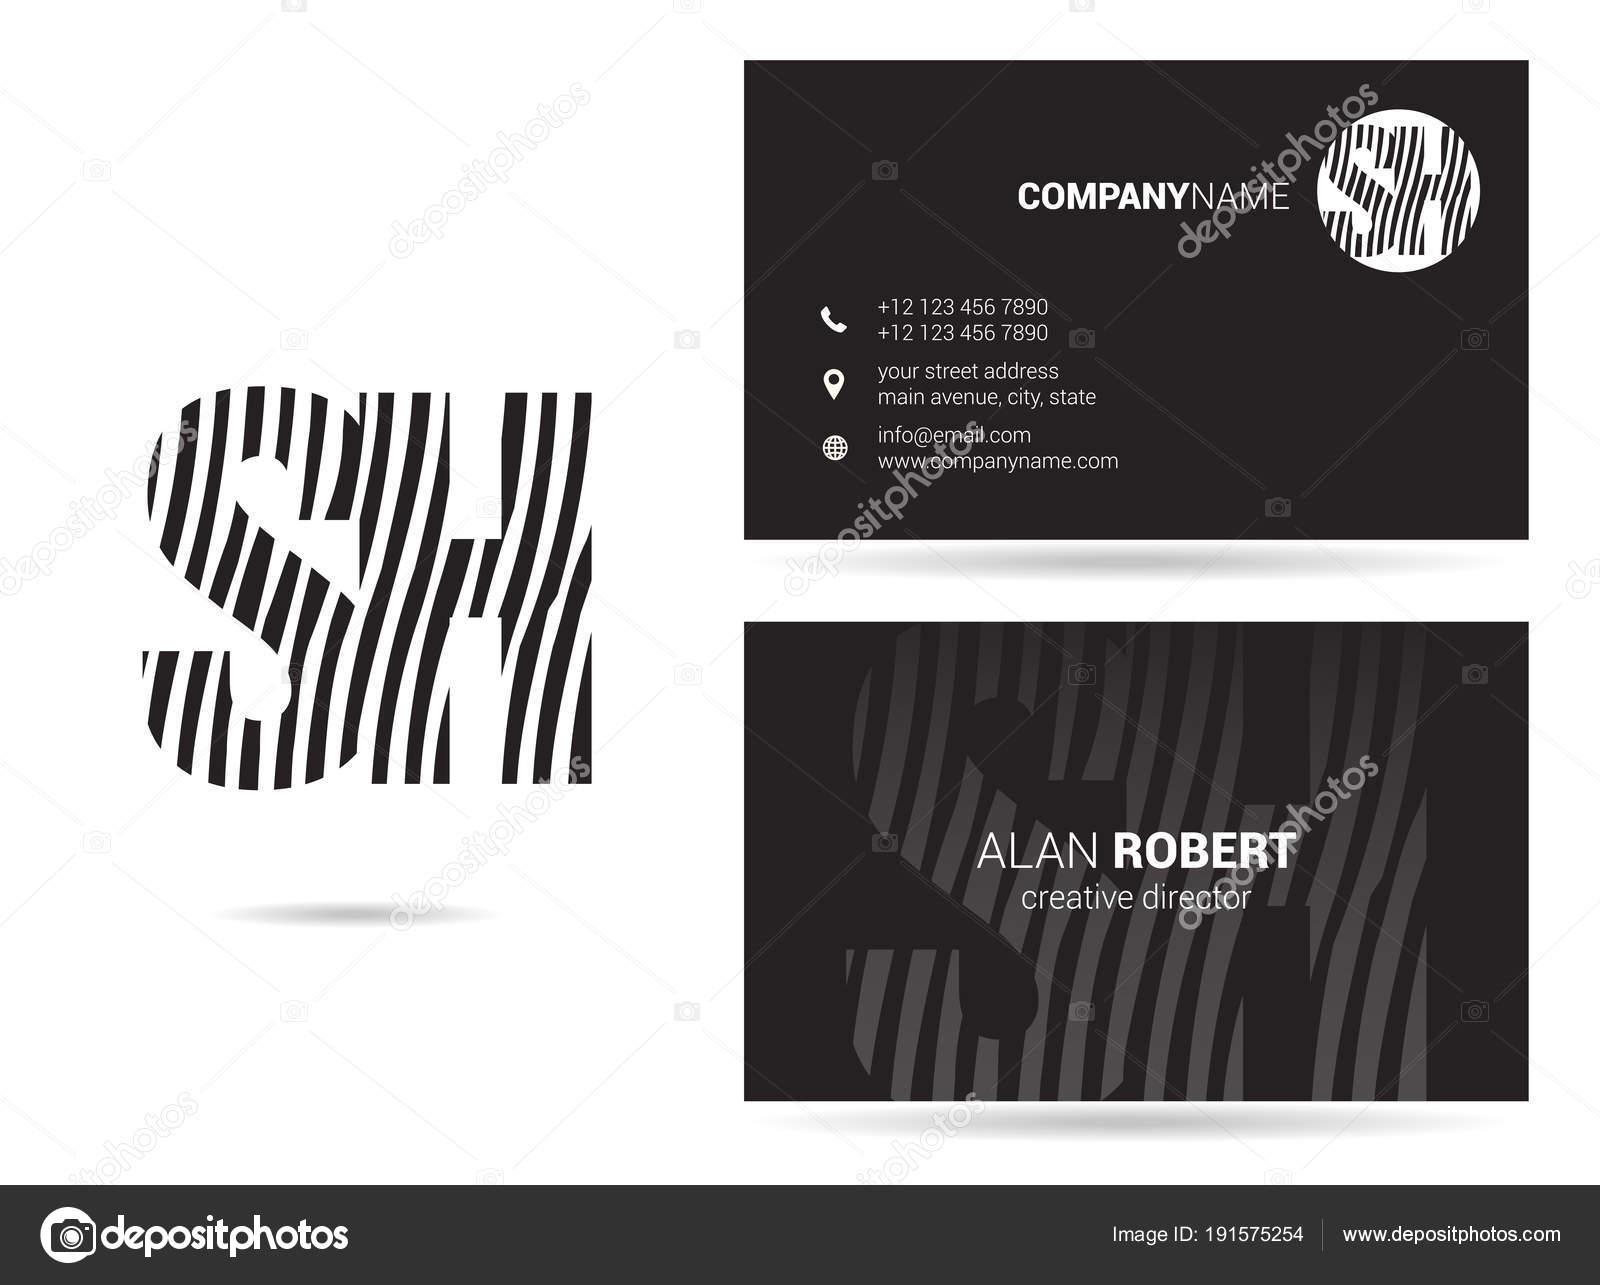 Descripteur Conception Carte Visite Logo Noir Blanc Avec Lettres Onduls Image Vectorielle